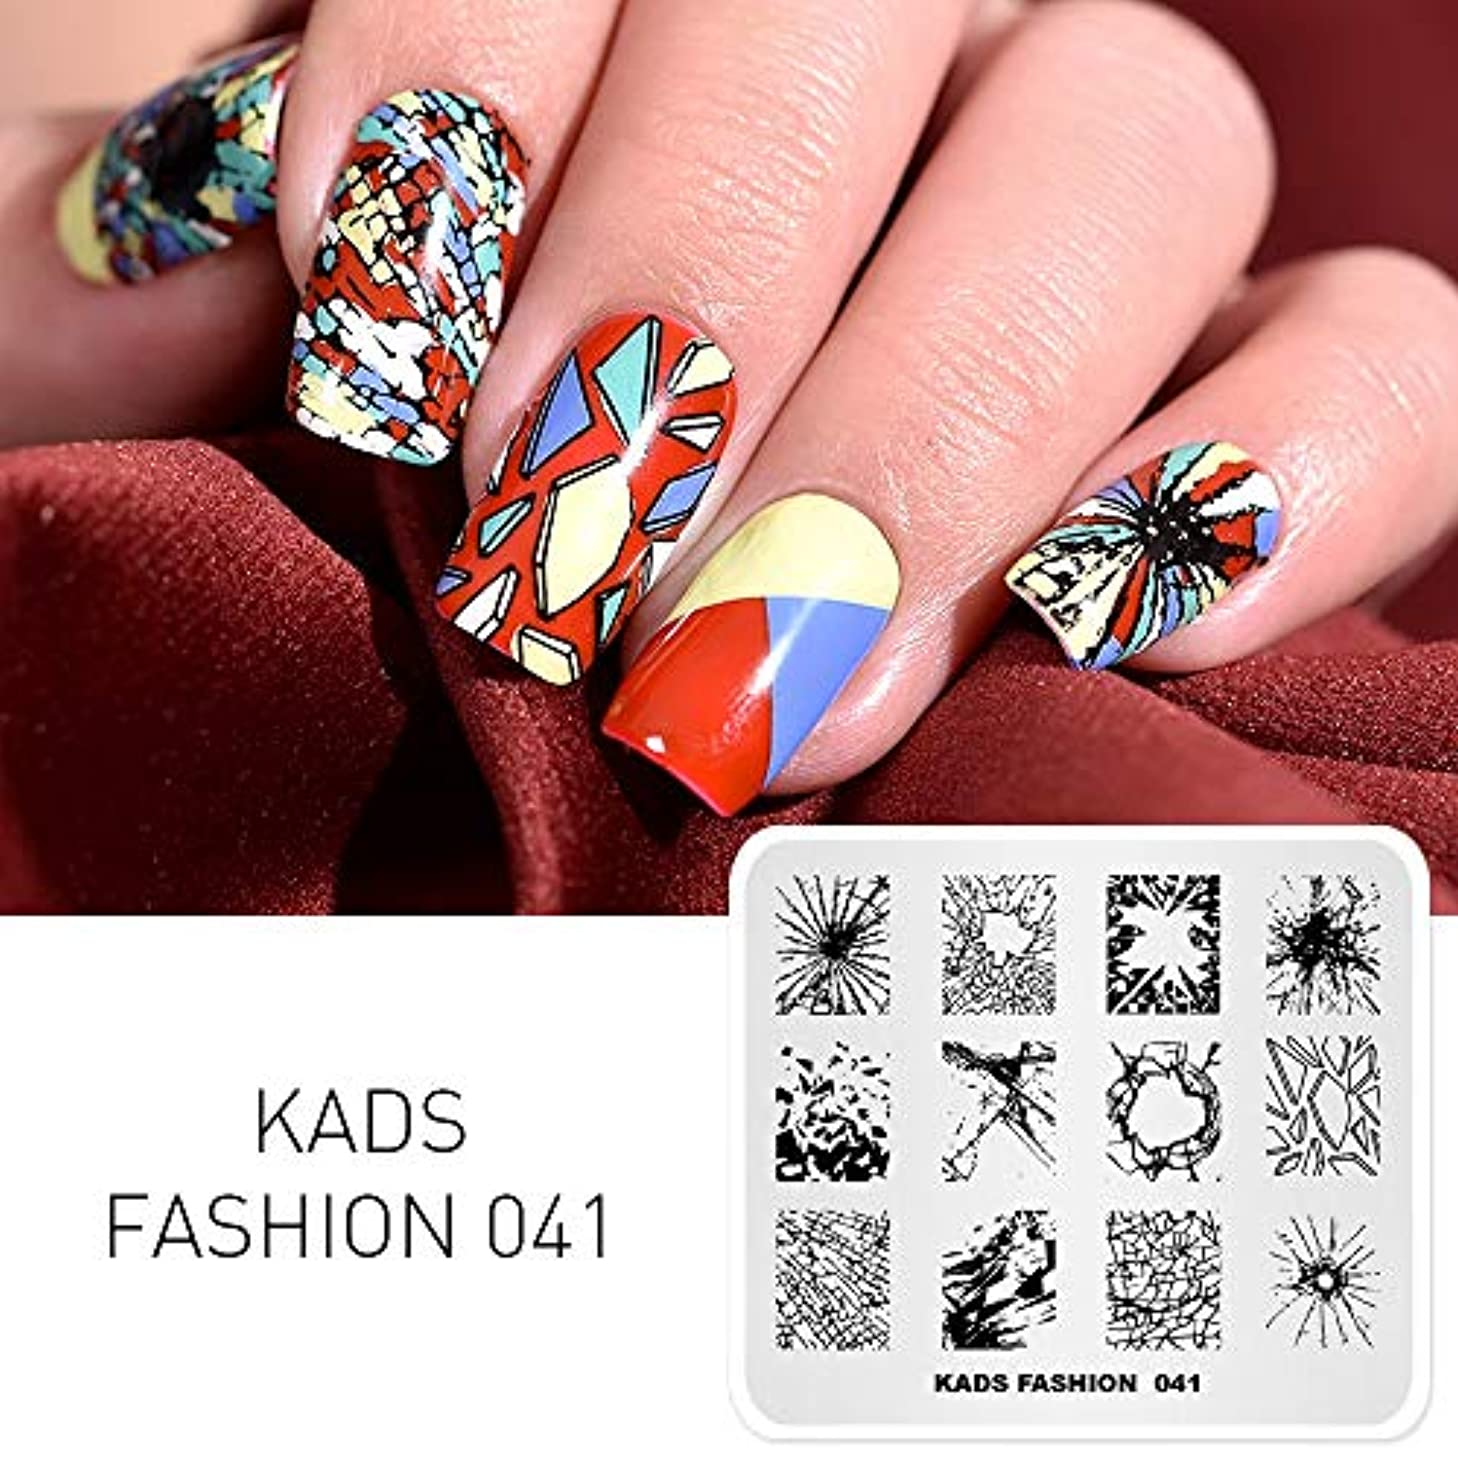 含めるクリック養うKADS スタンピングプレート ファッションスタイル ネイルプレート ネイルイメージプレート ファッションスタイル (FA041)